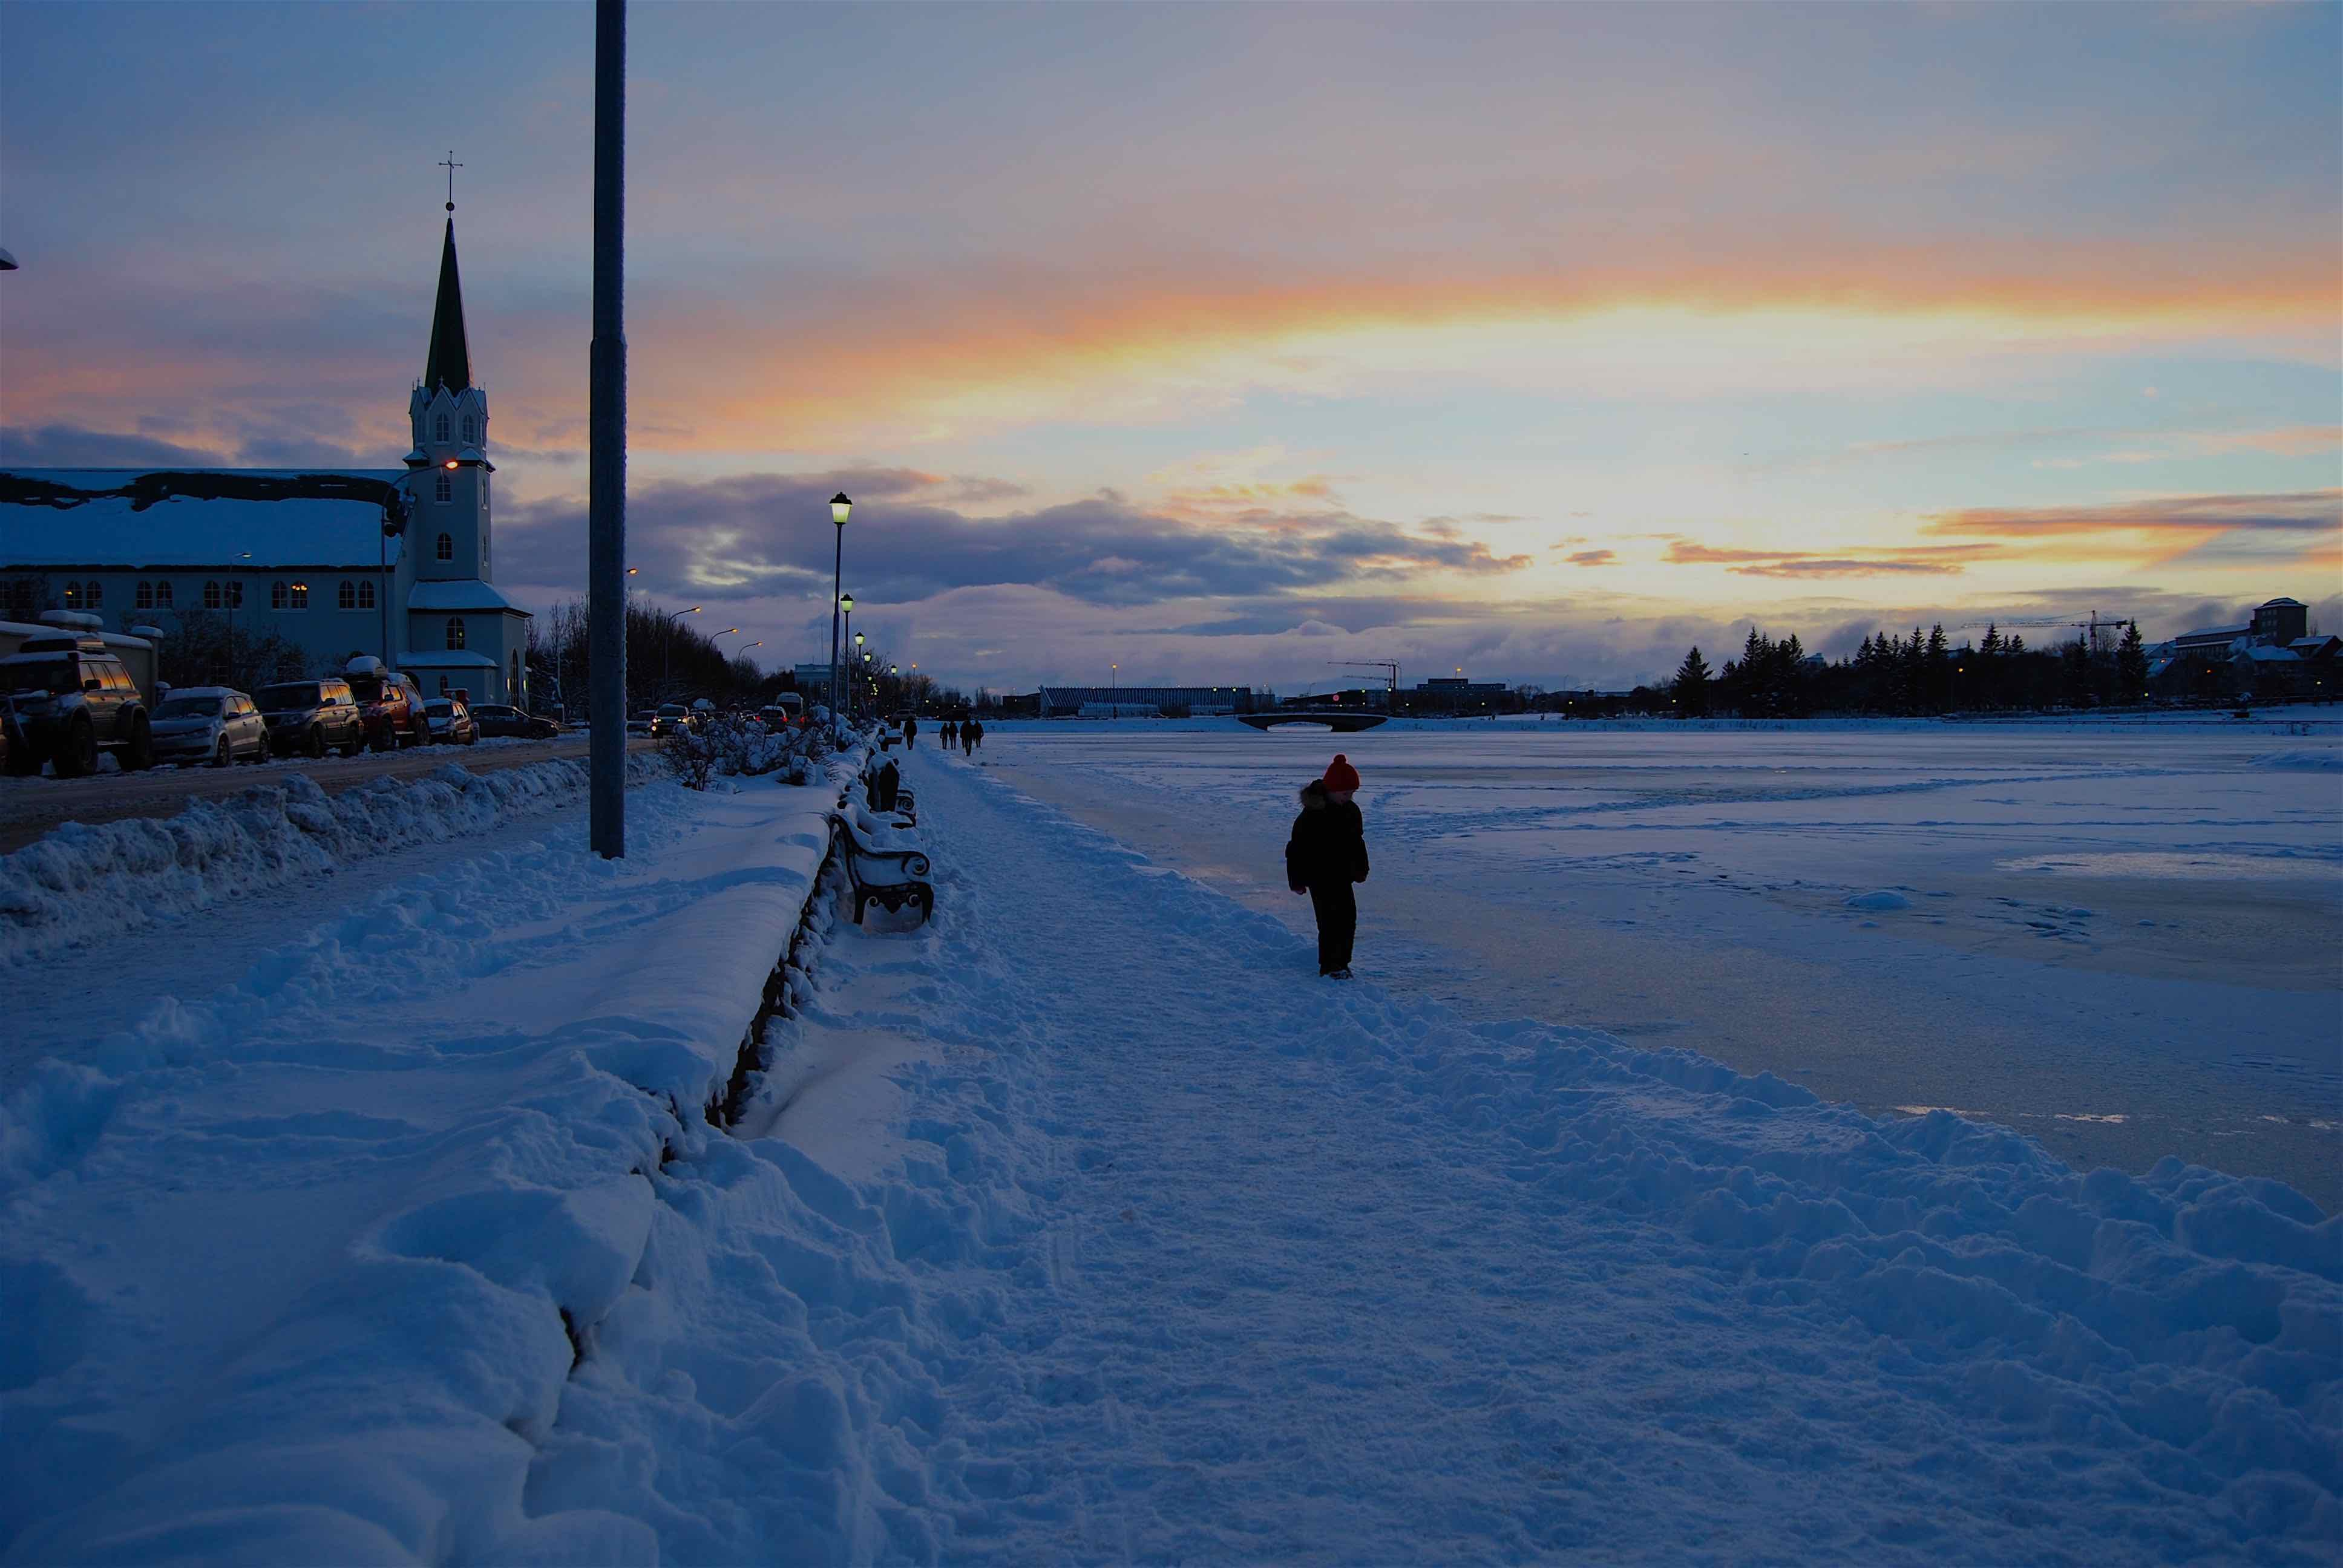 11-дневный зимний пакетный тур | Кольцевая дорога и полуостров Снайфелльснес - day 10